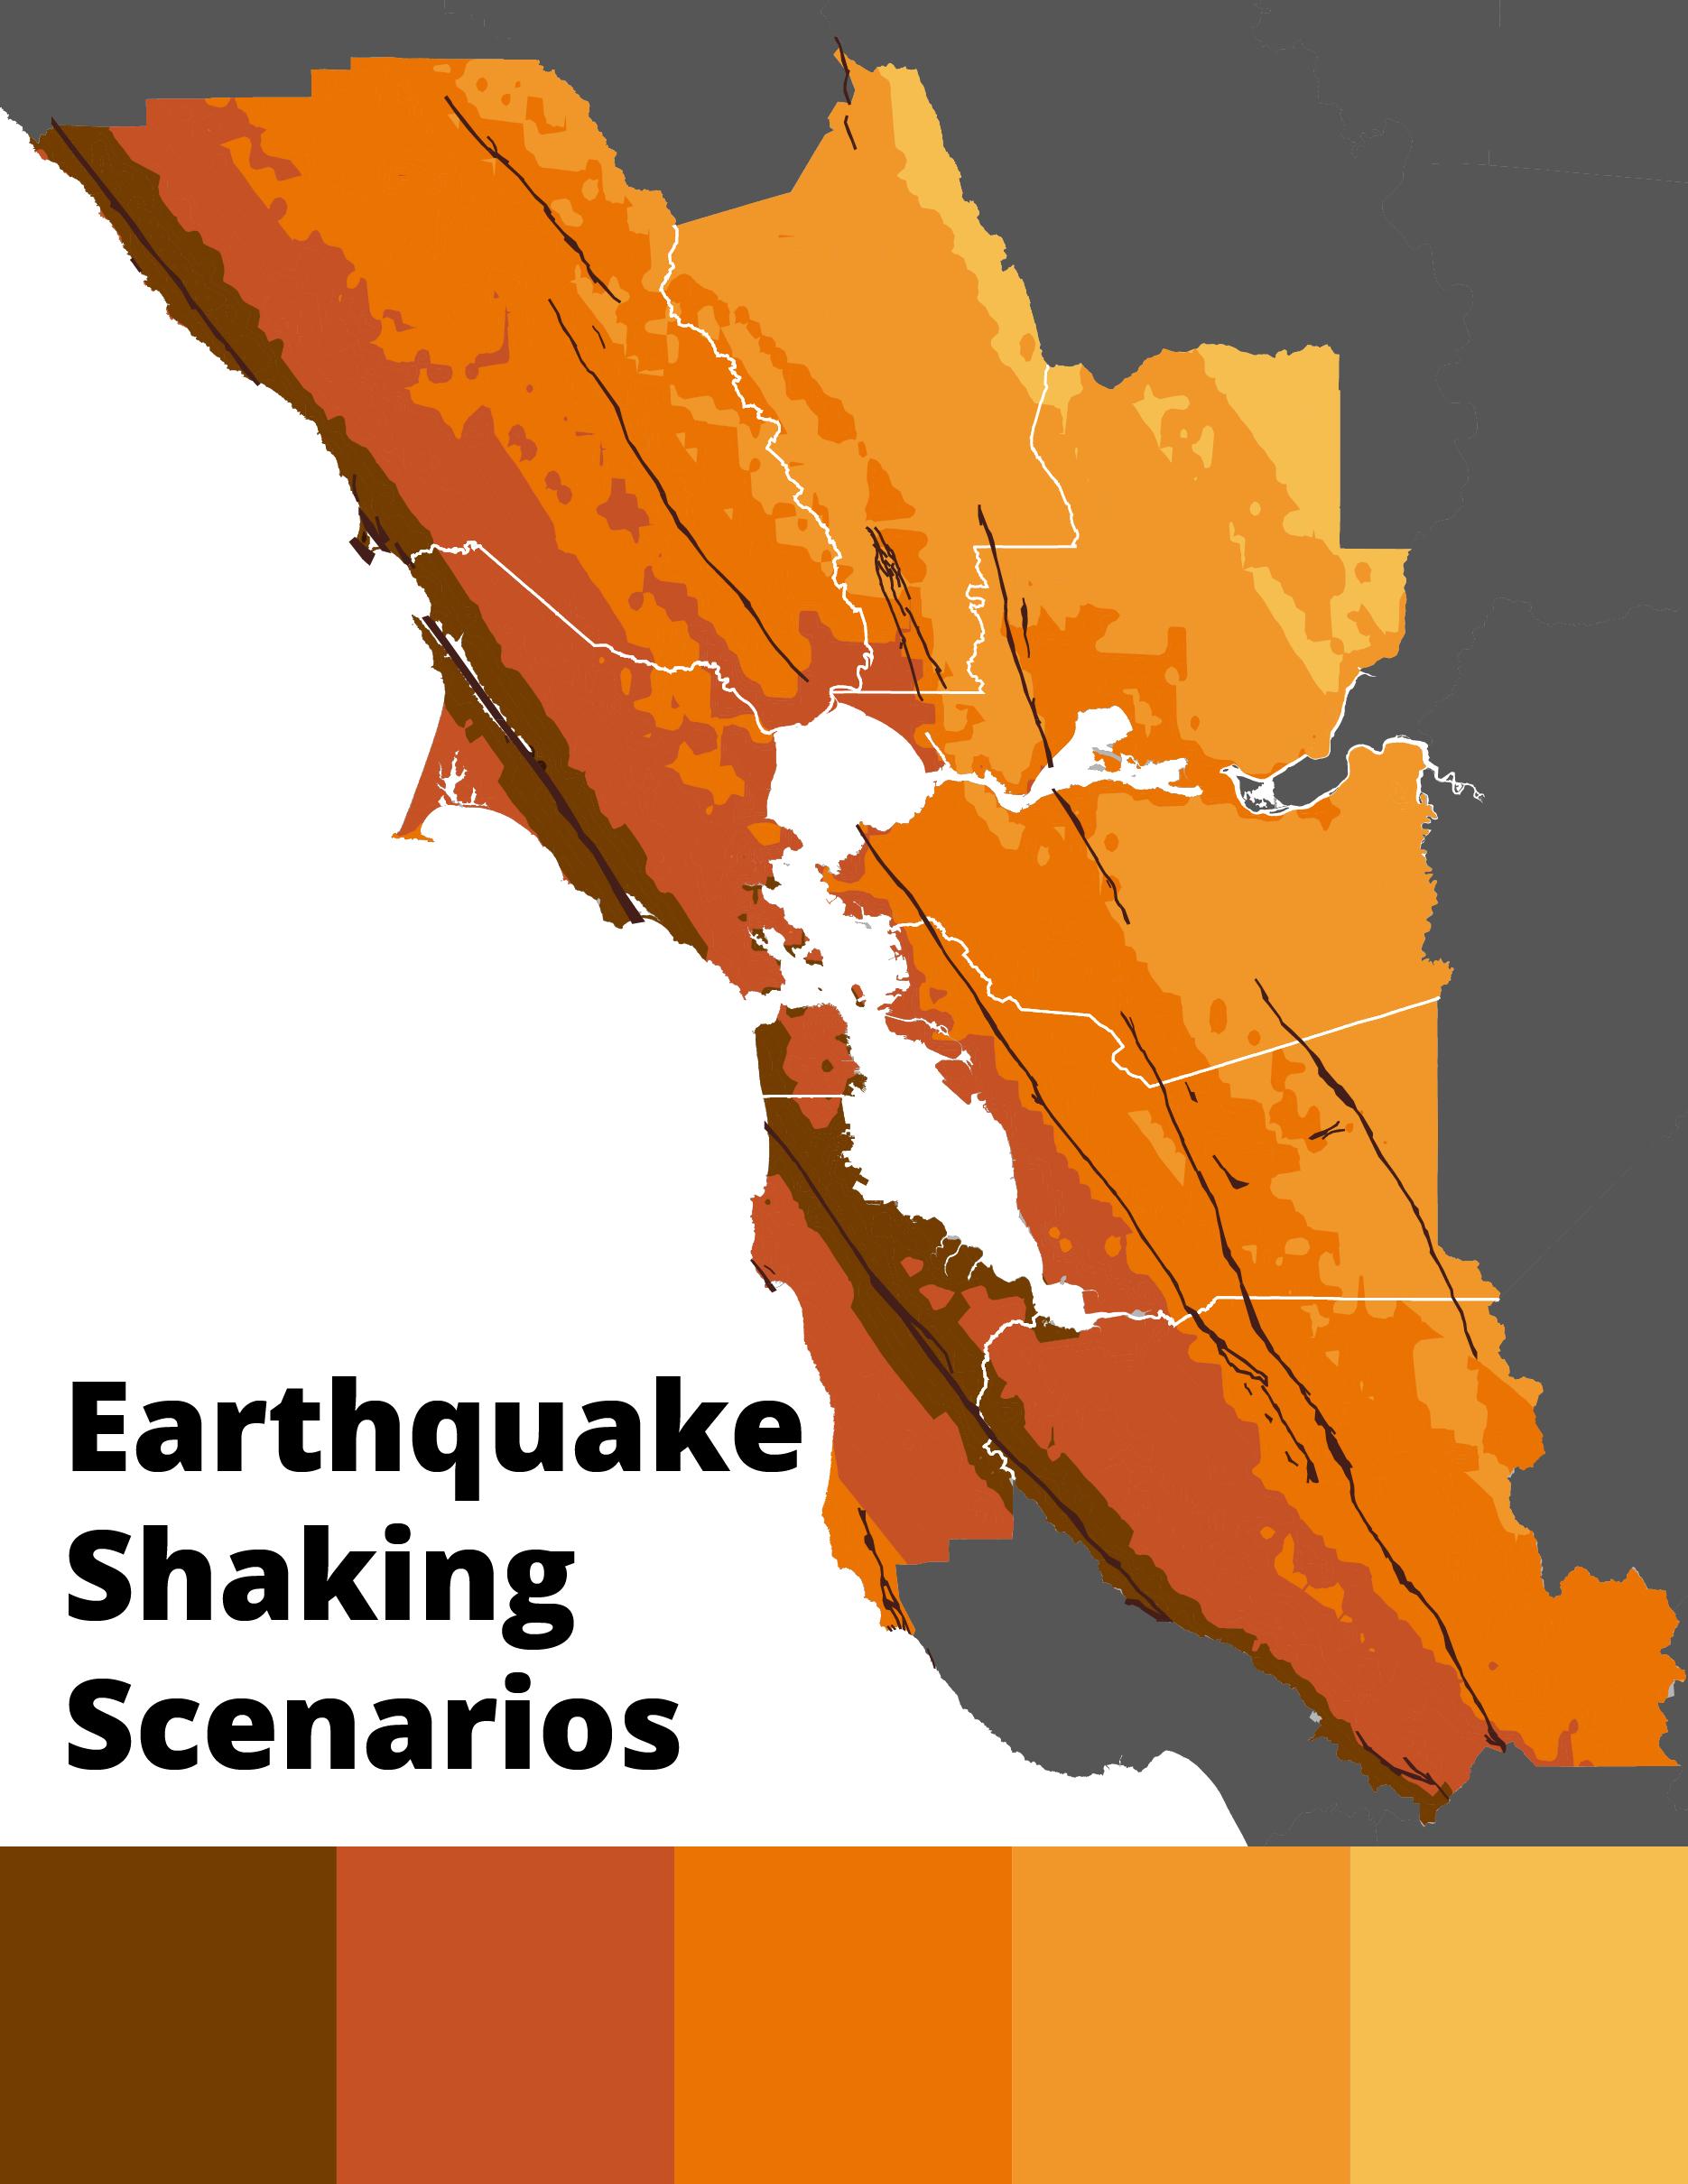 Earthquake Shaking scenarios map